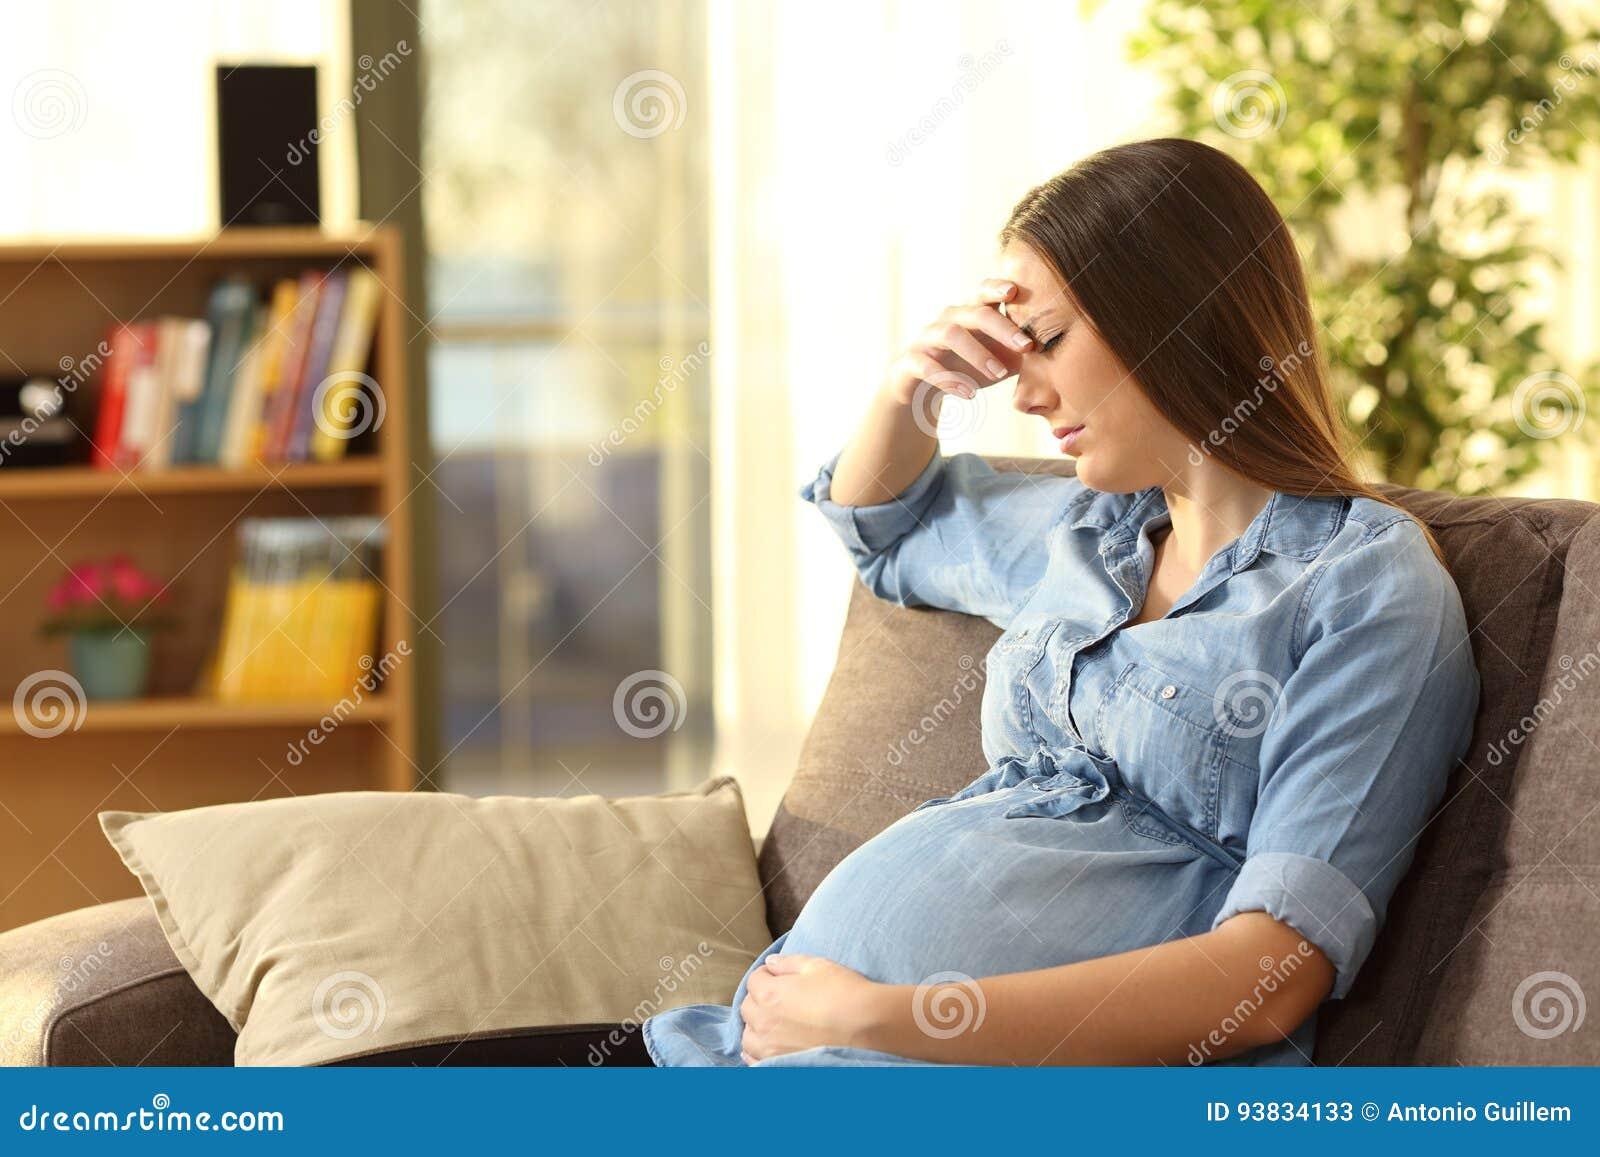 Потревоженная беременная женщина дома